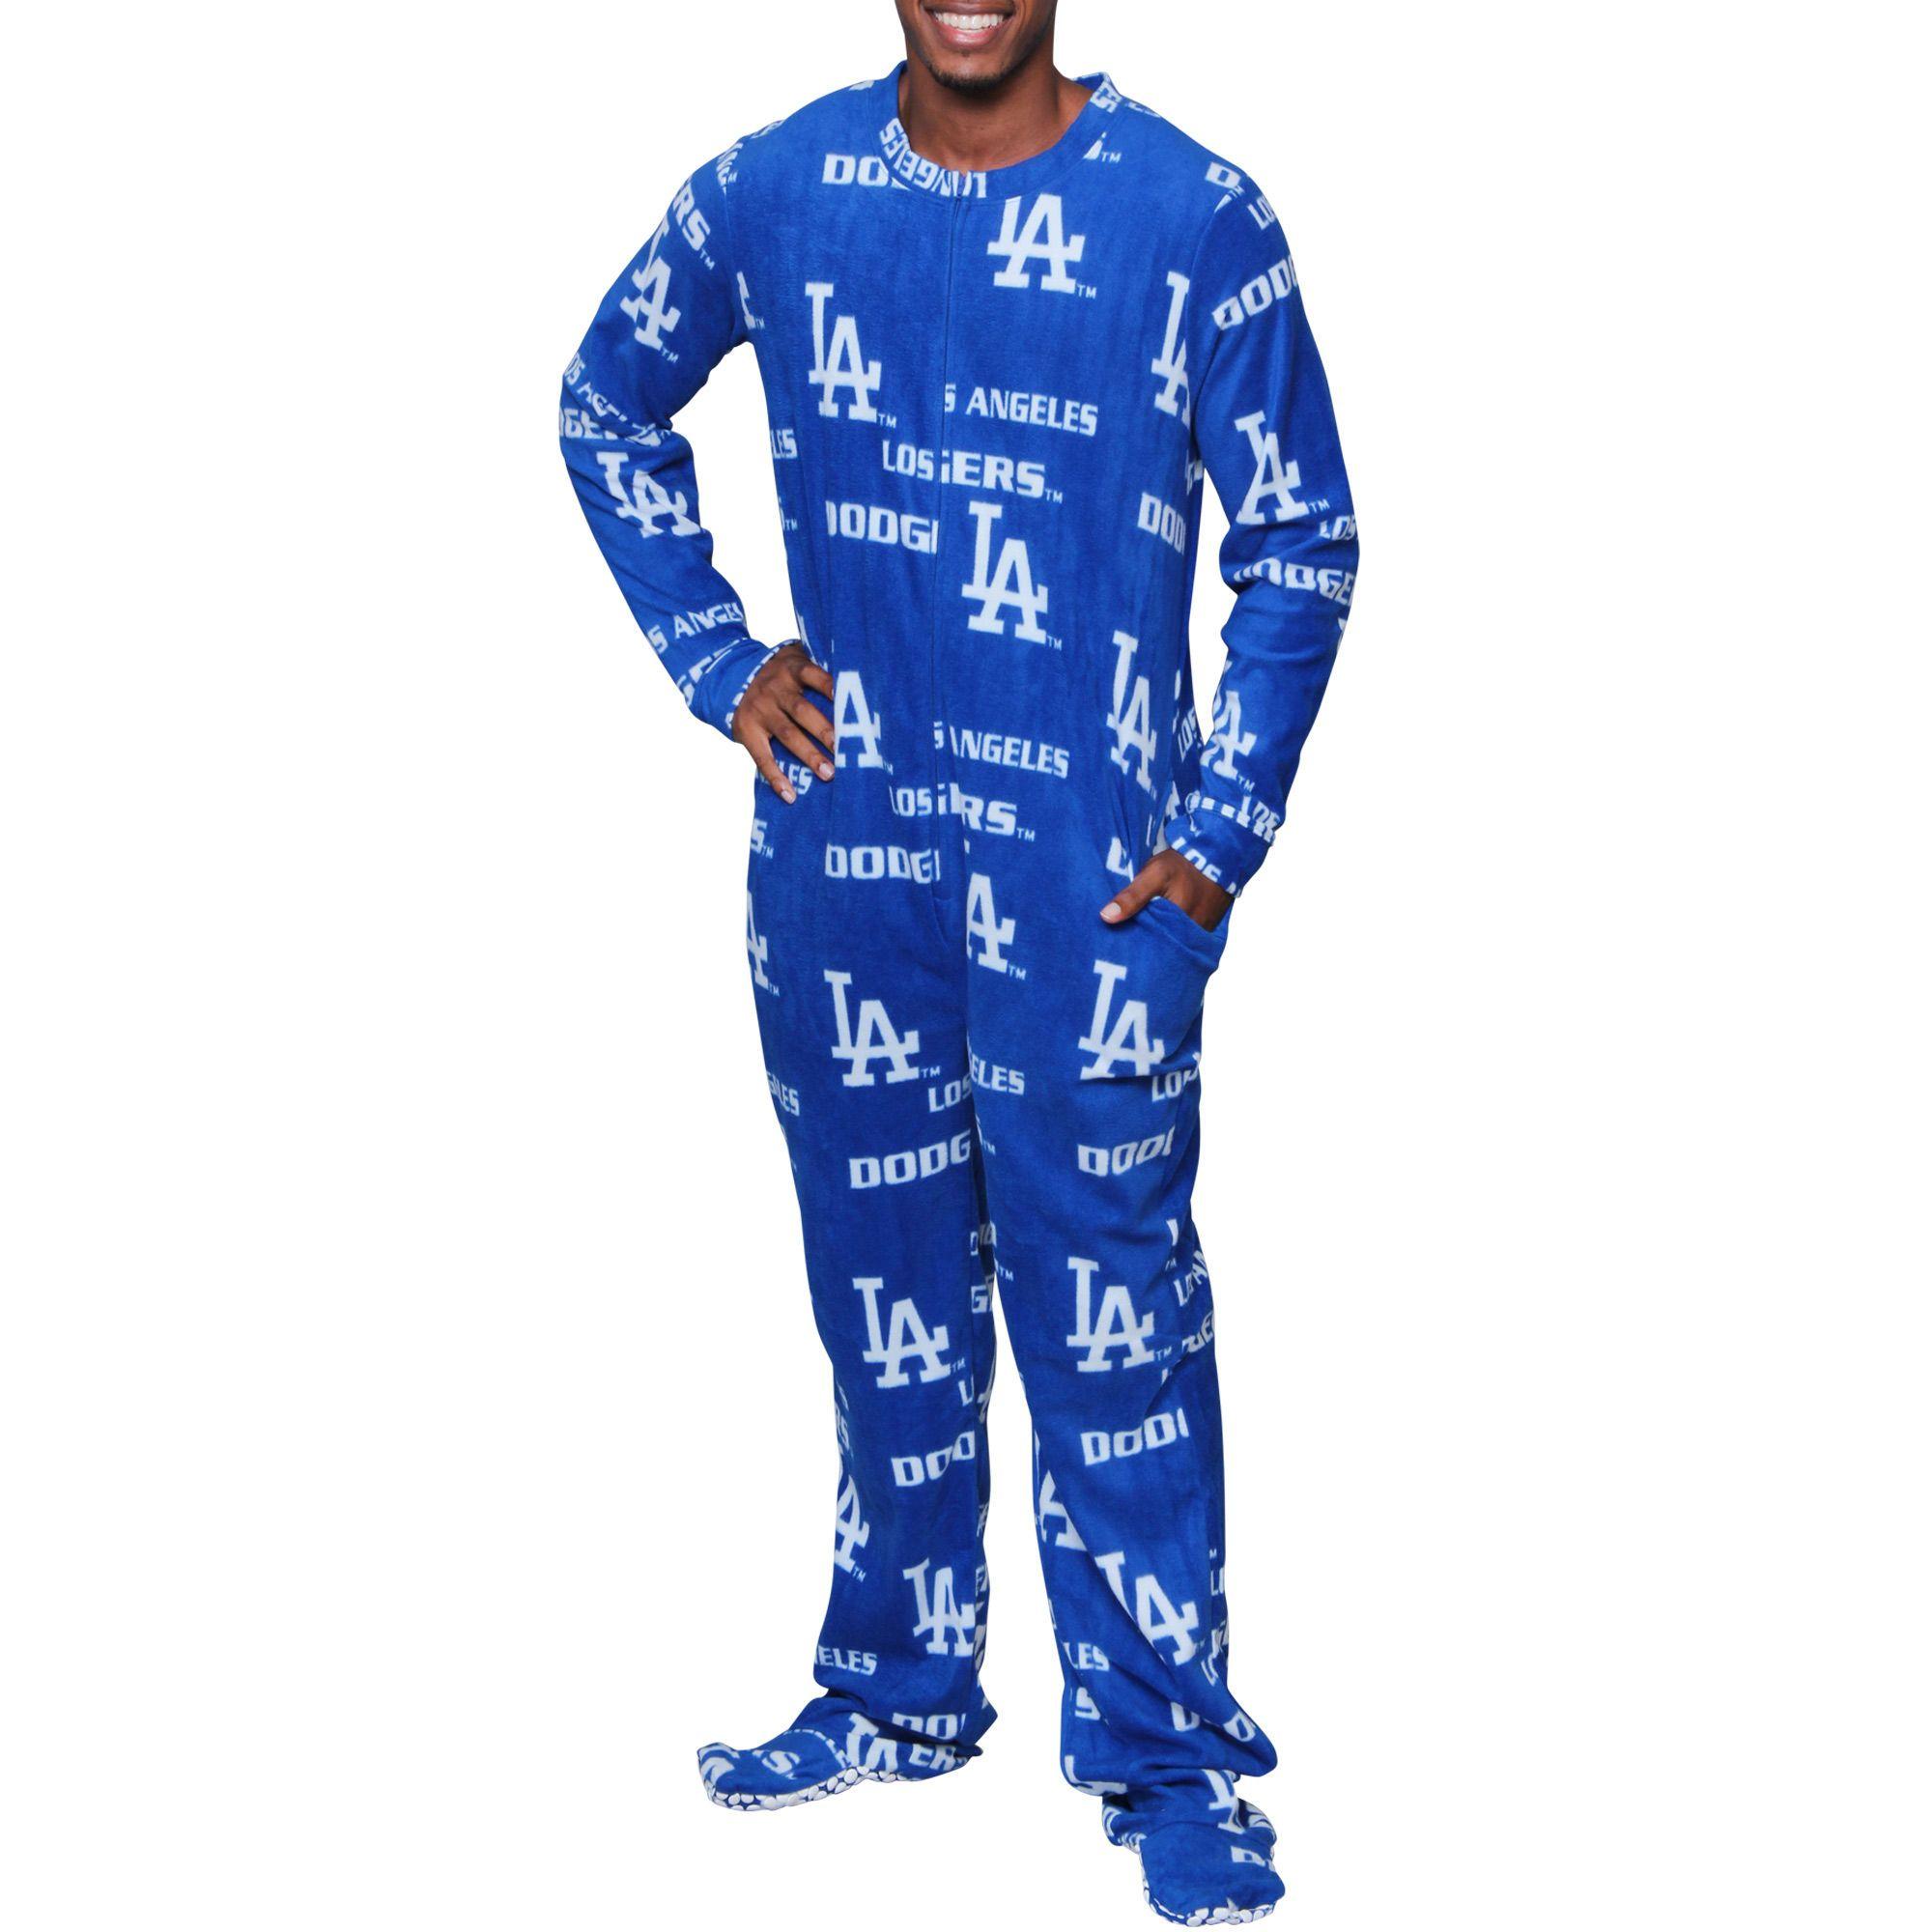 Los Angeles Dodgers Concepts Sport Union Suit Pajamas Royal Union Suit Pajamas Pajamas Union Suit